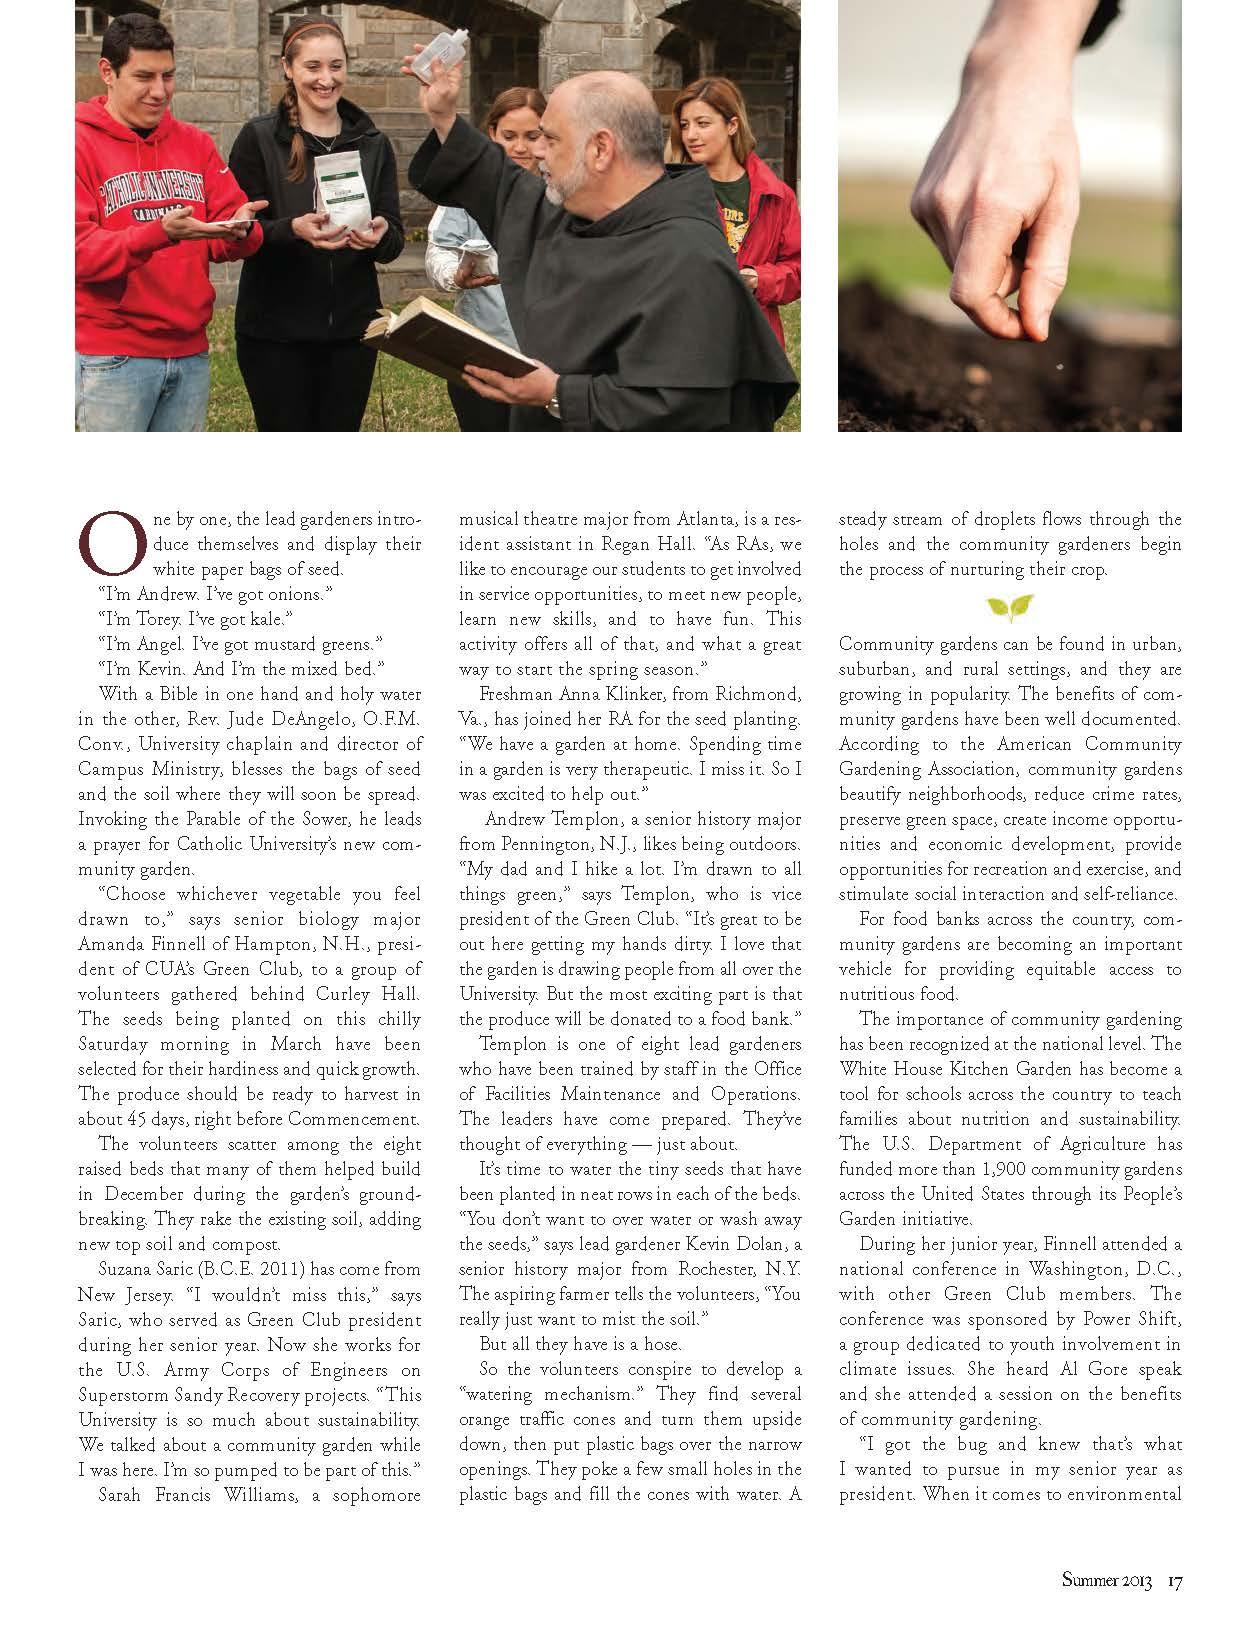 130191595314309376_Magazine_Summer2013_Page_19.jpg